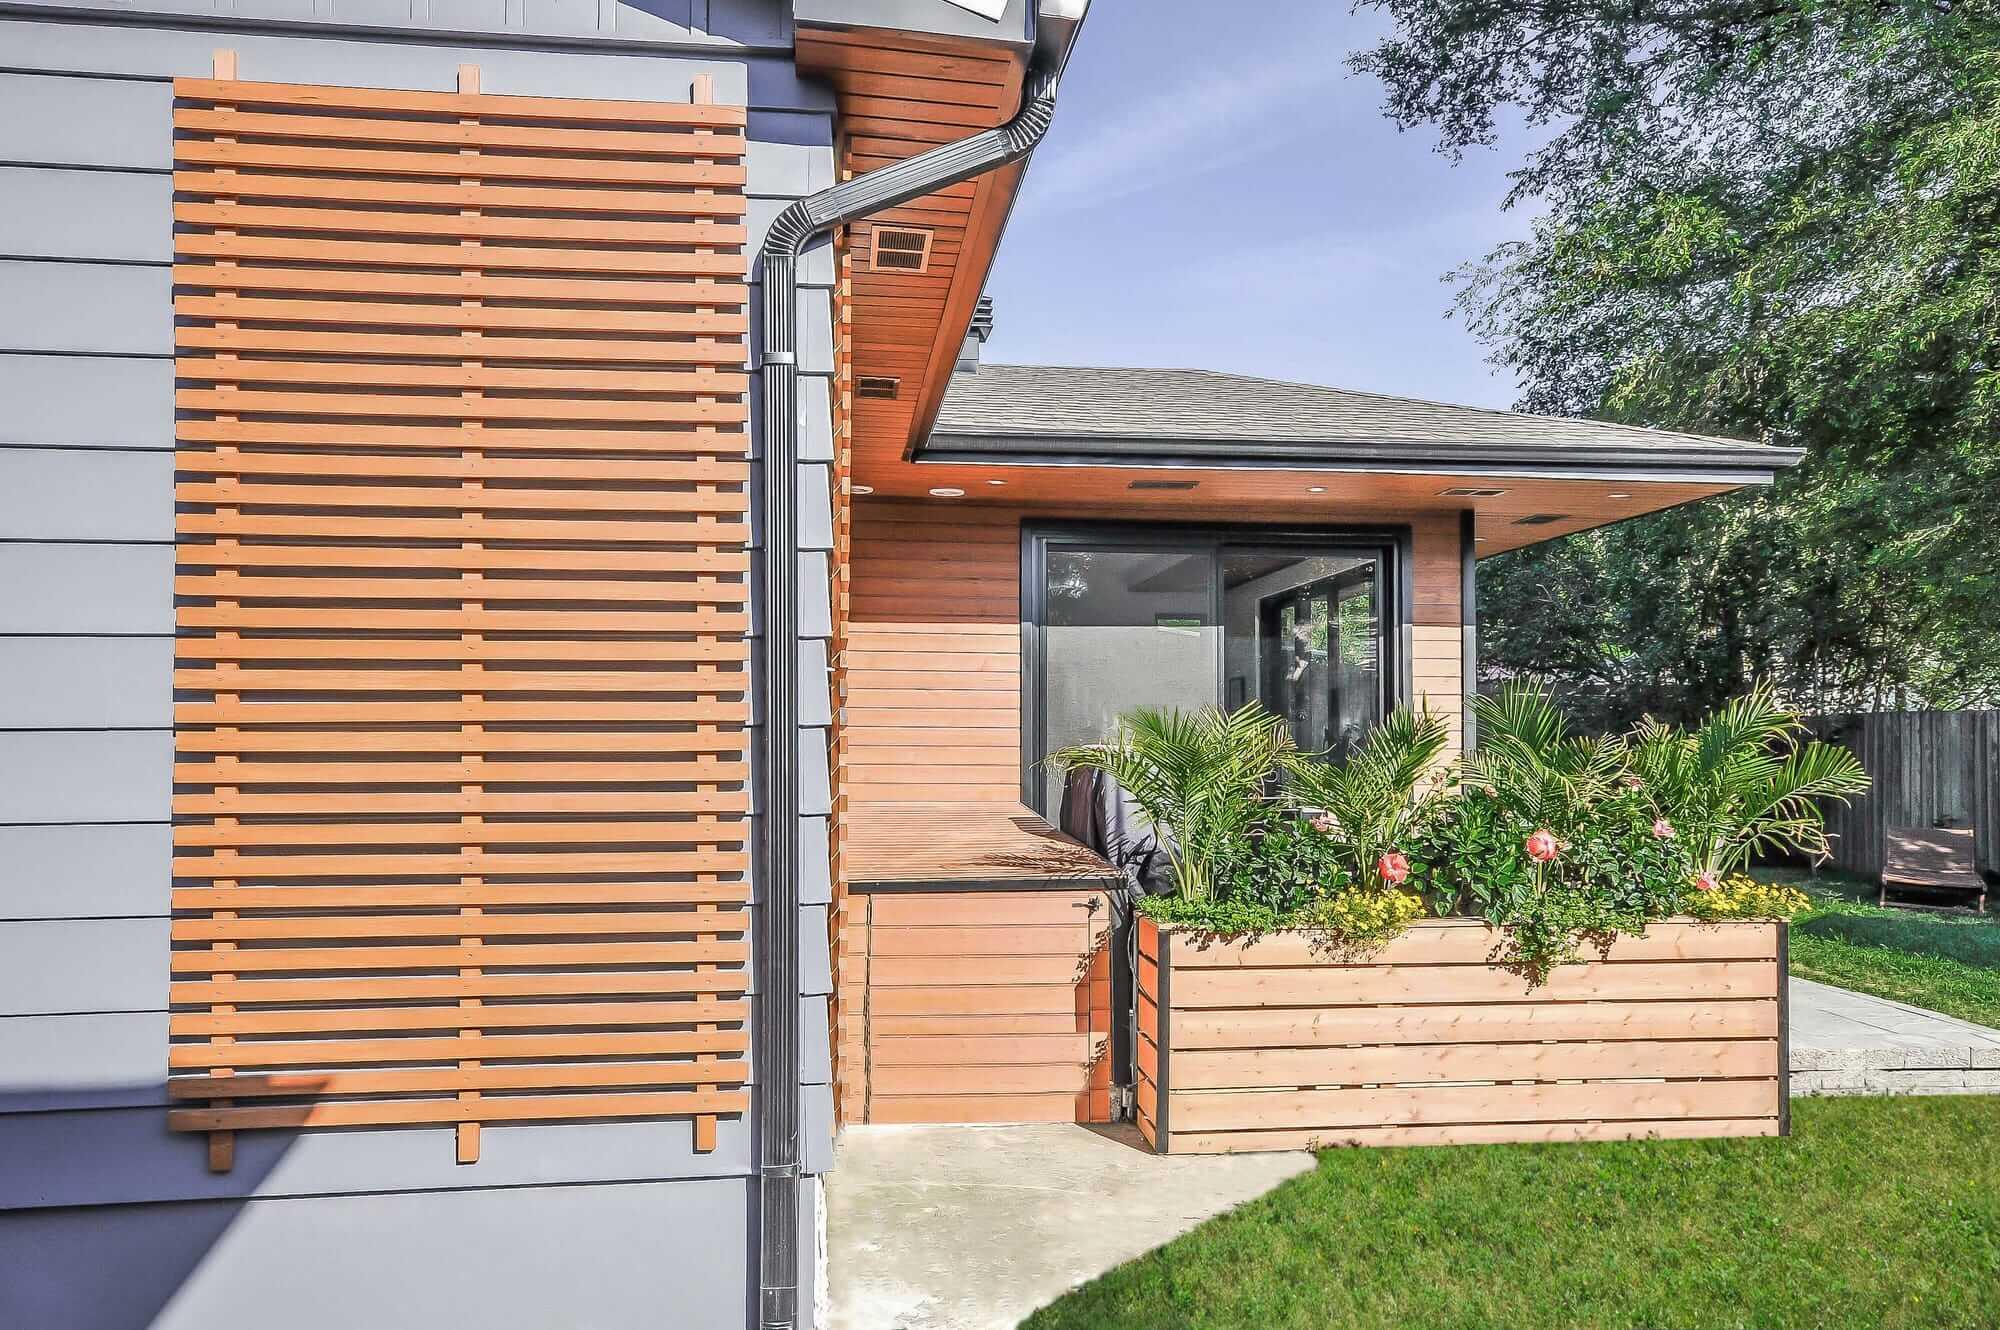 rallonge de maison avec vue sur terrasse et bac à fleurs